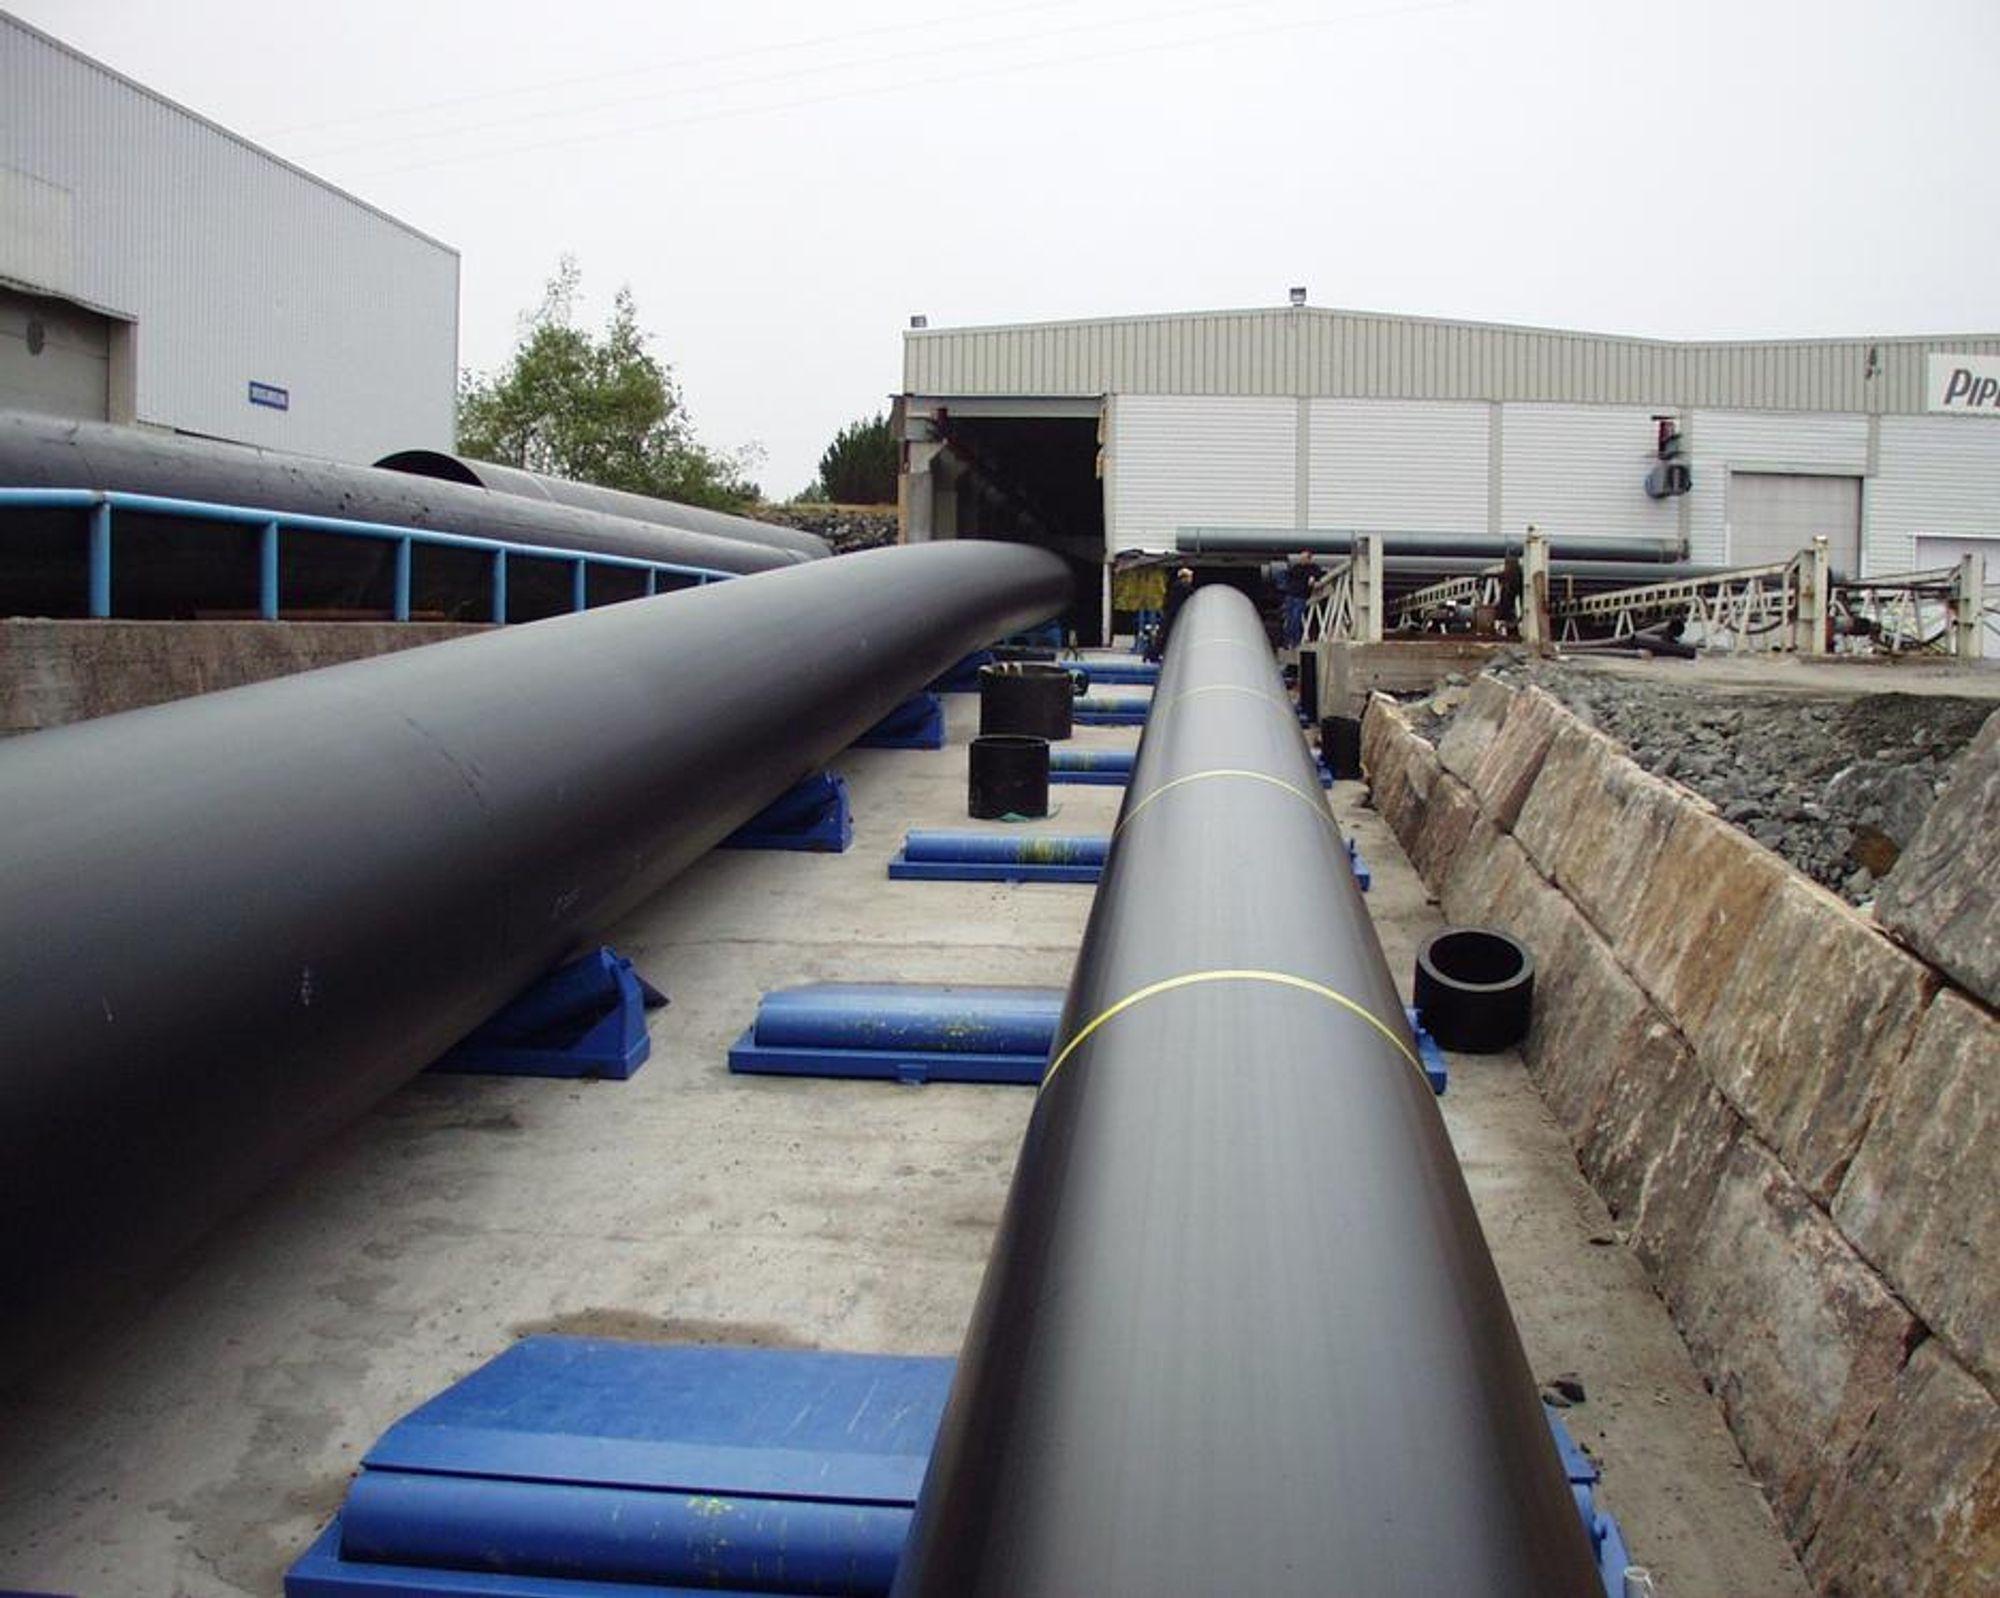 TRYKKRØR:Her er de store trykkrørene på vei ut av fabrikken til Pipelife Norge. FOTO: PIPELIFE NORGE